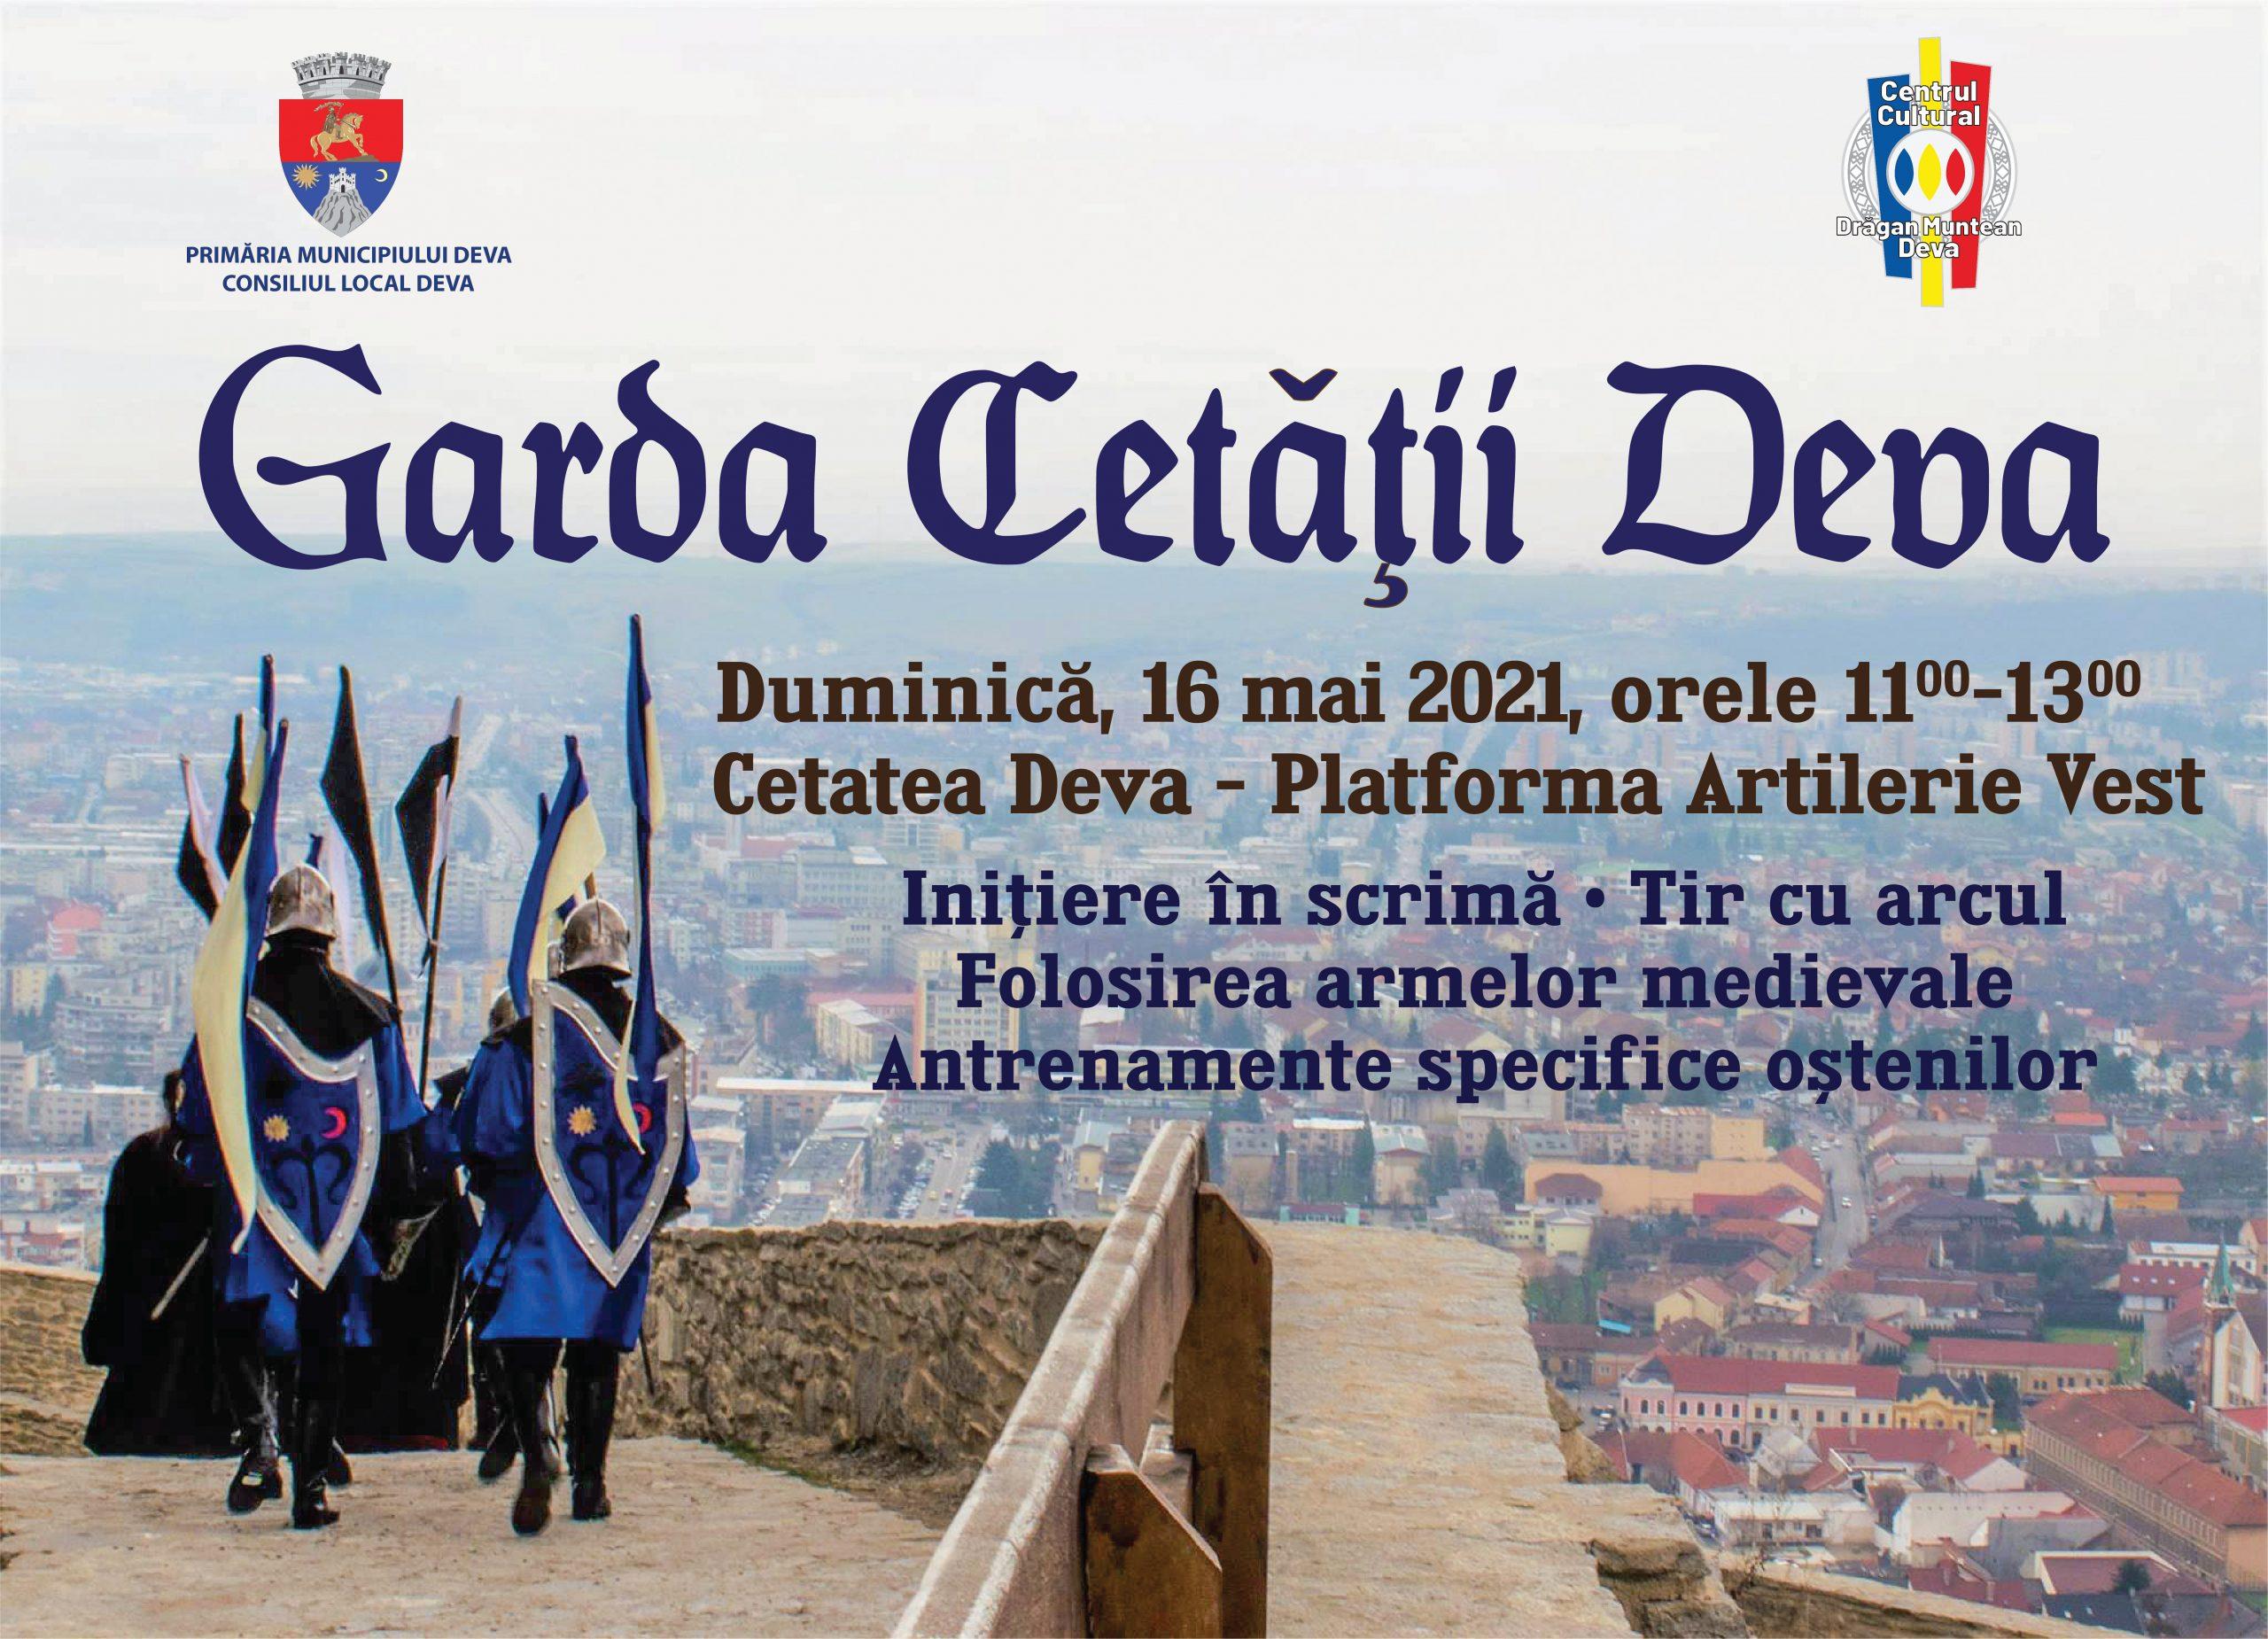 Istoria și legendele Cetății Deva, reînviate de oștenii Gărzii, duminică